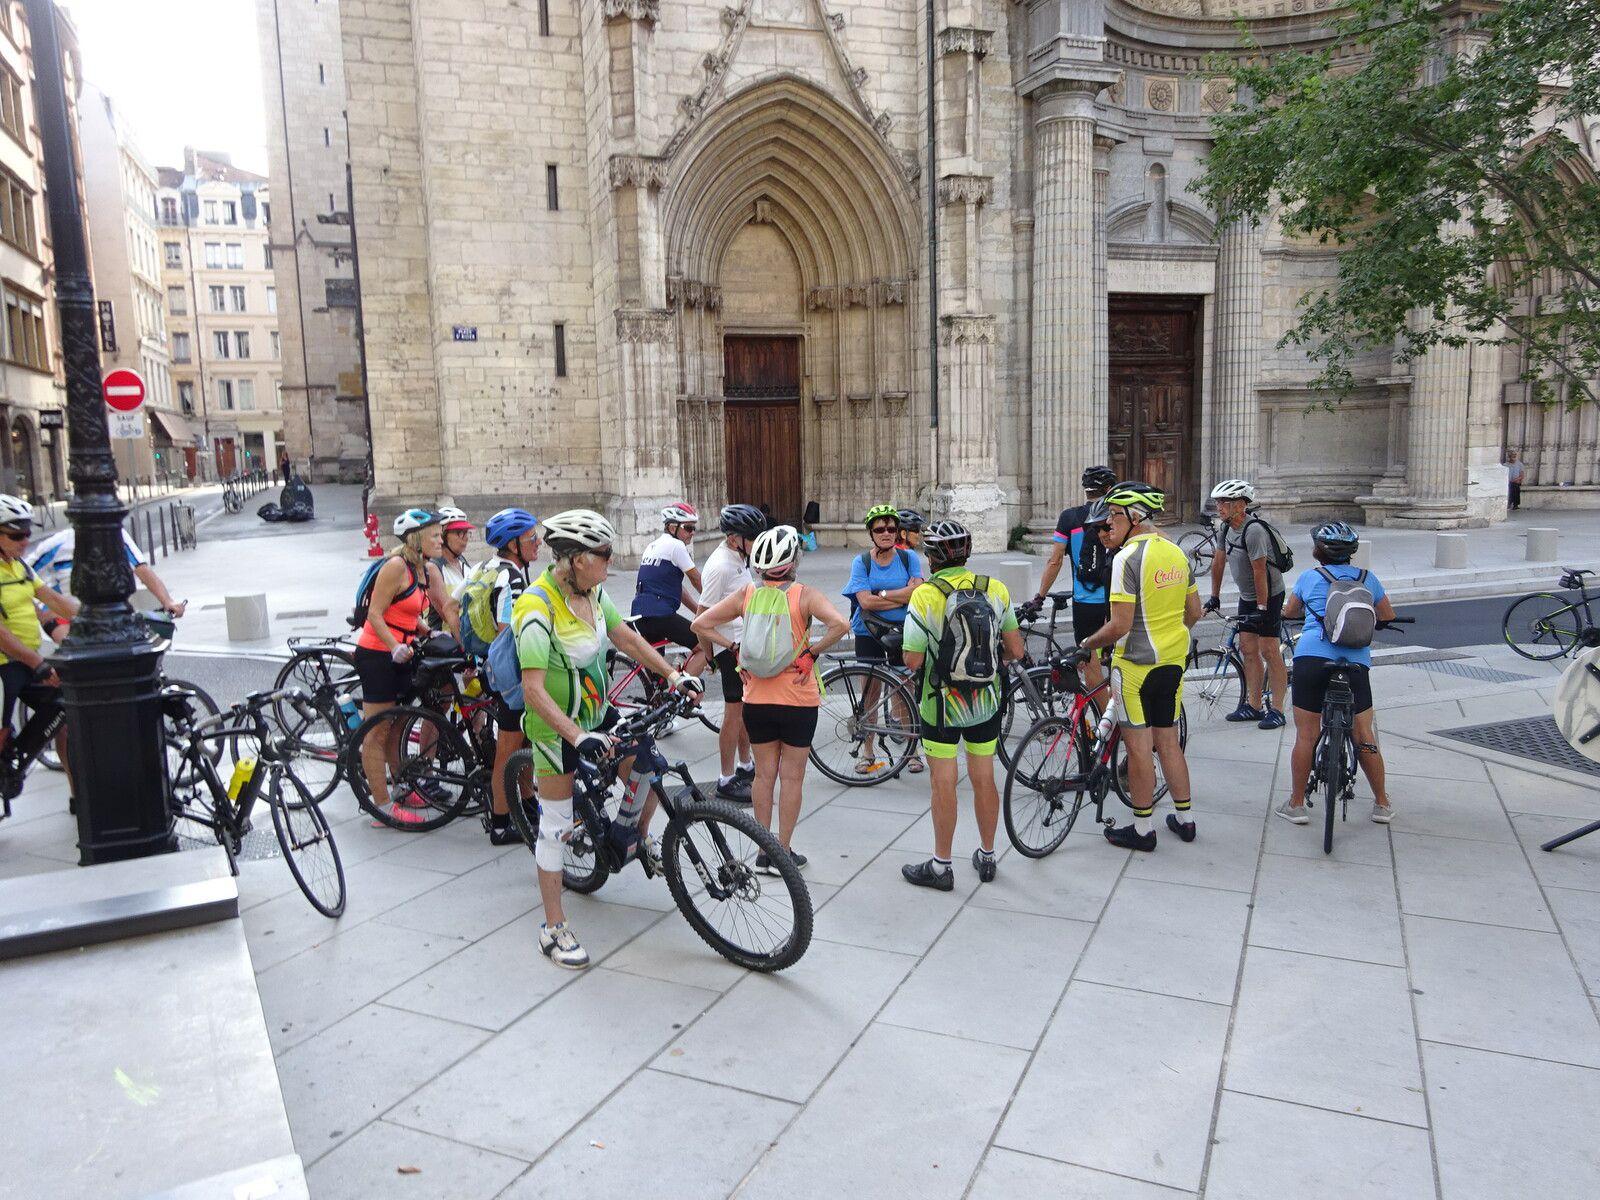 Lyon sur les pistes cyclables - 15 aout 2021